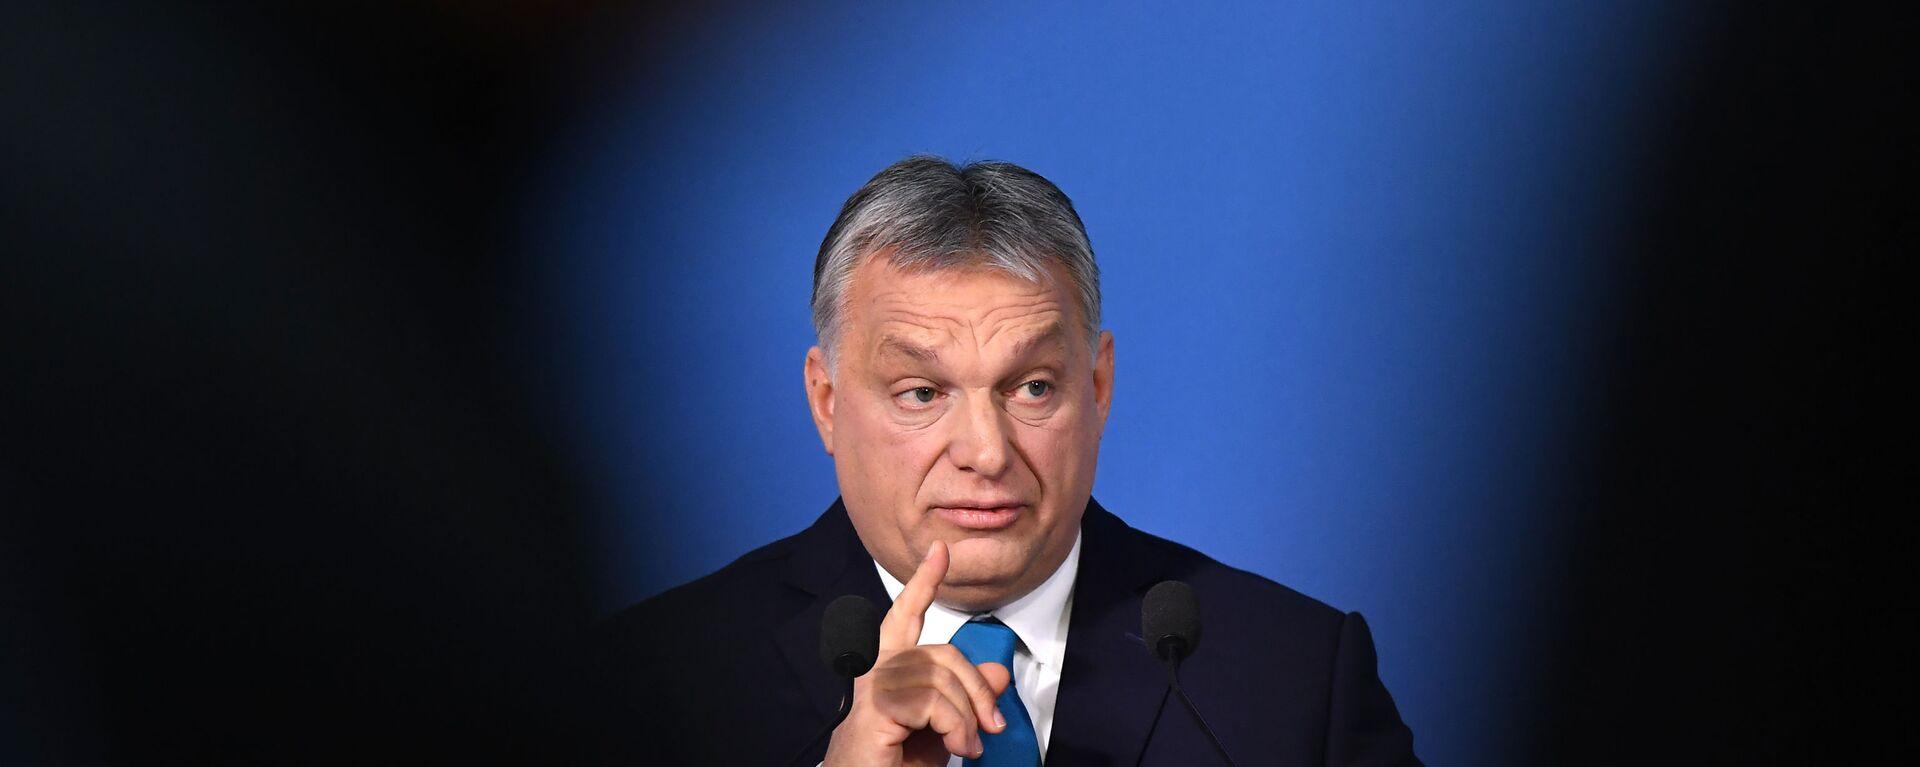 Maďarský premiér Viktor Orbán  - Sputnik Česká republika, 1920, 11.10.2021